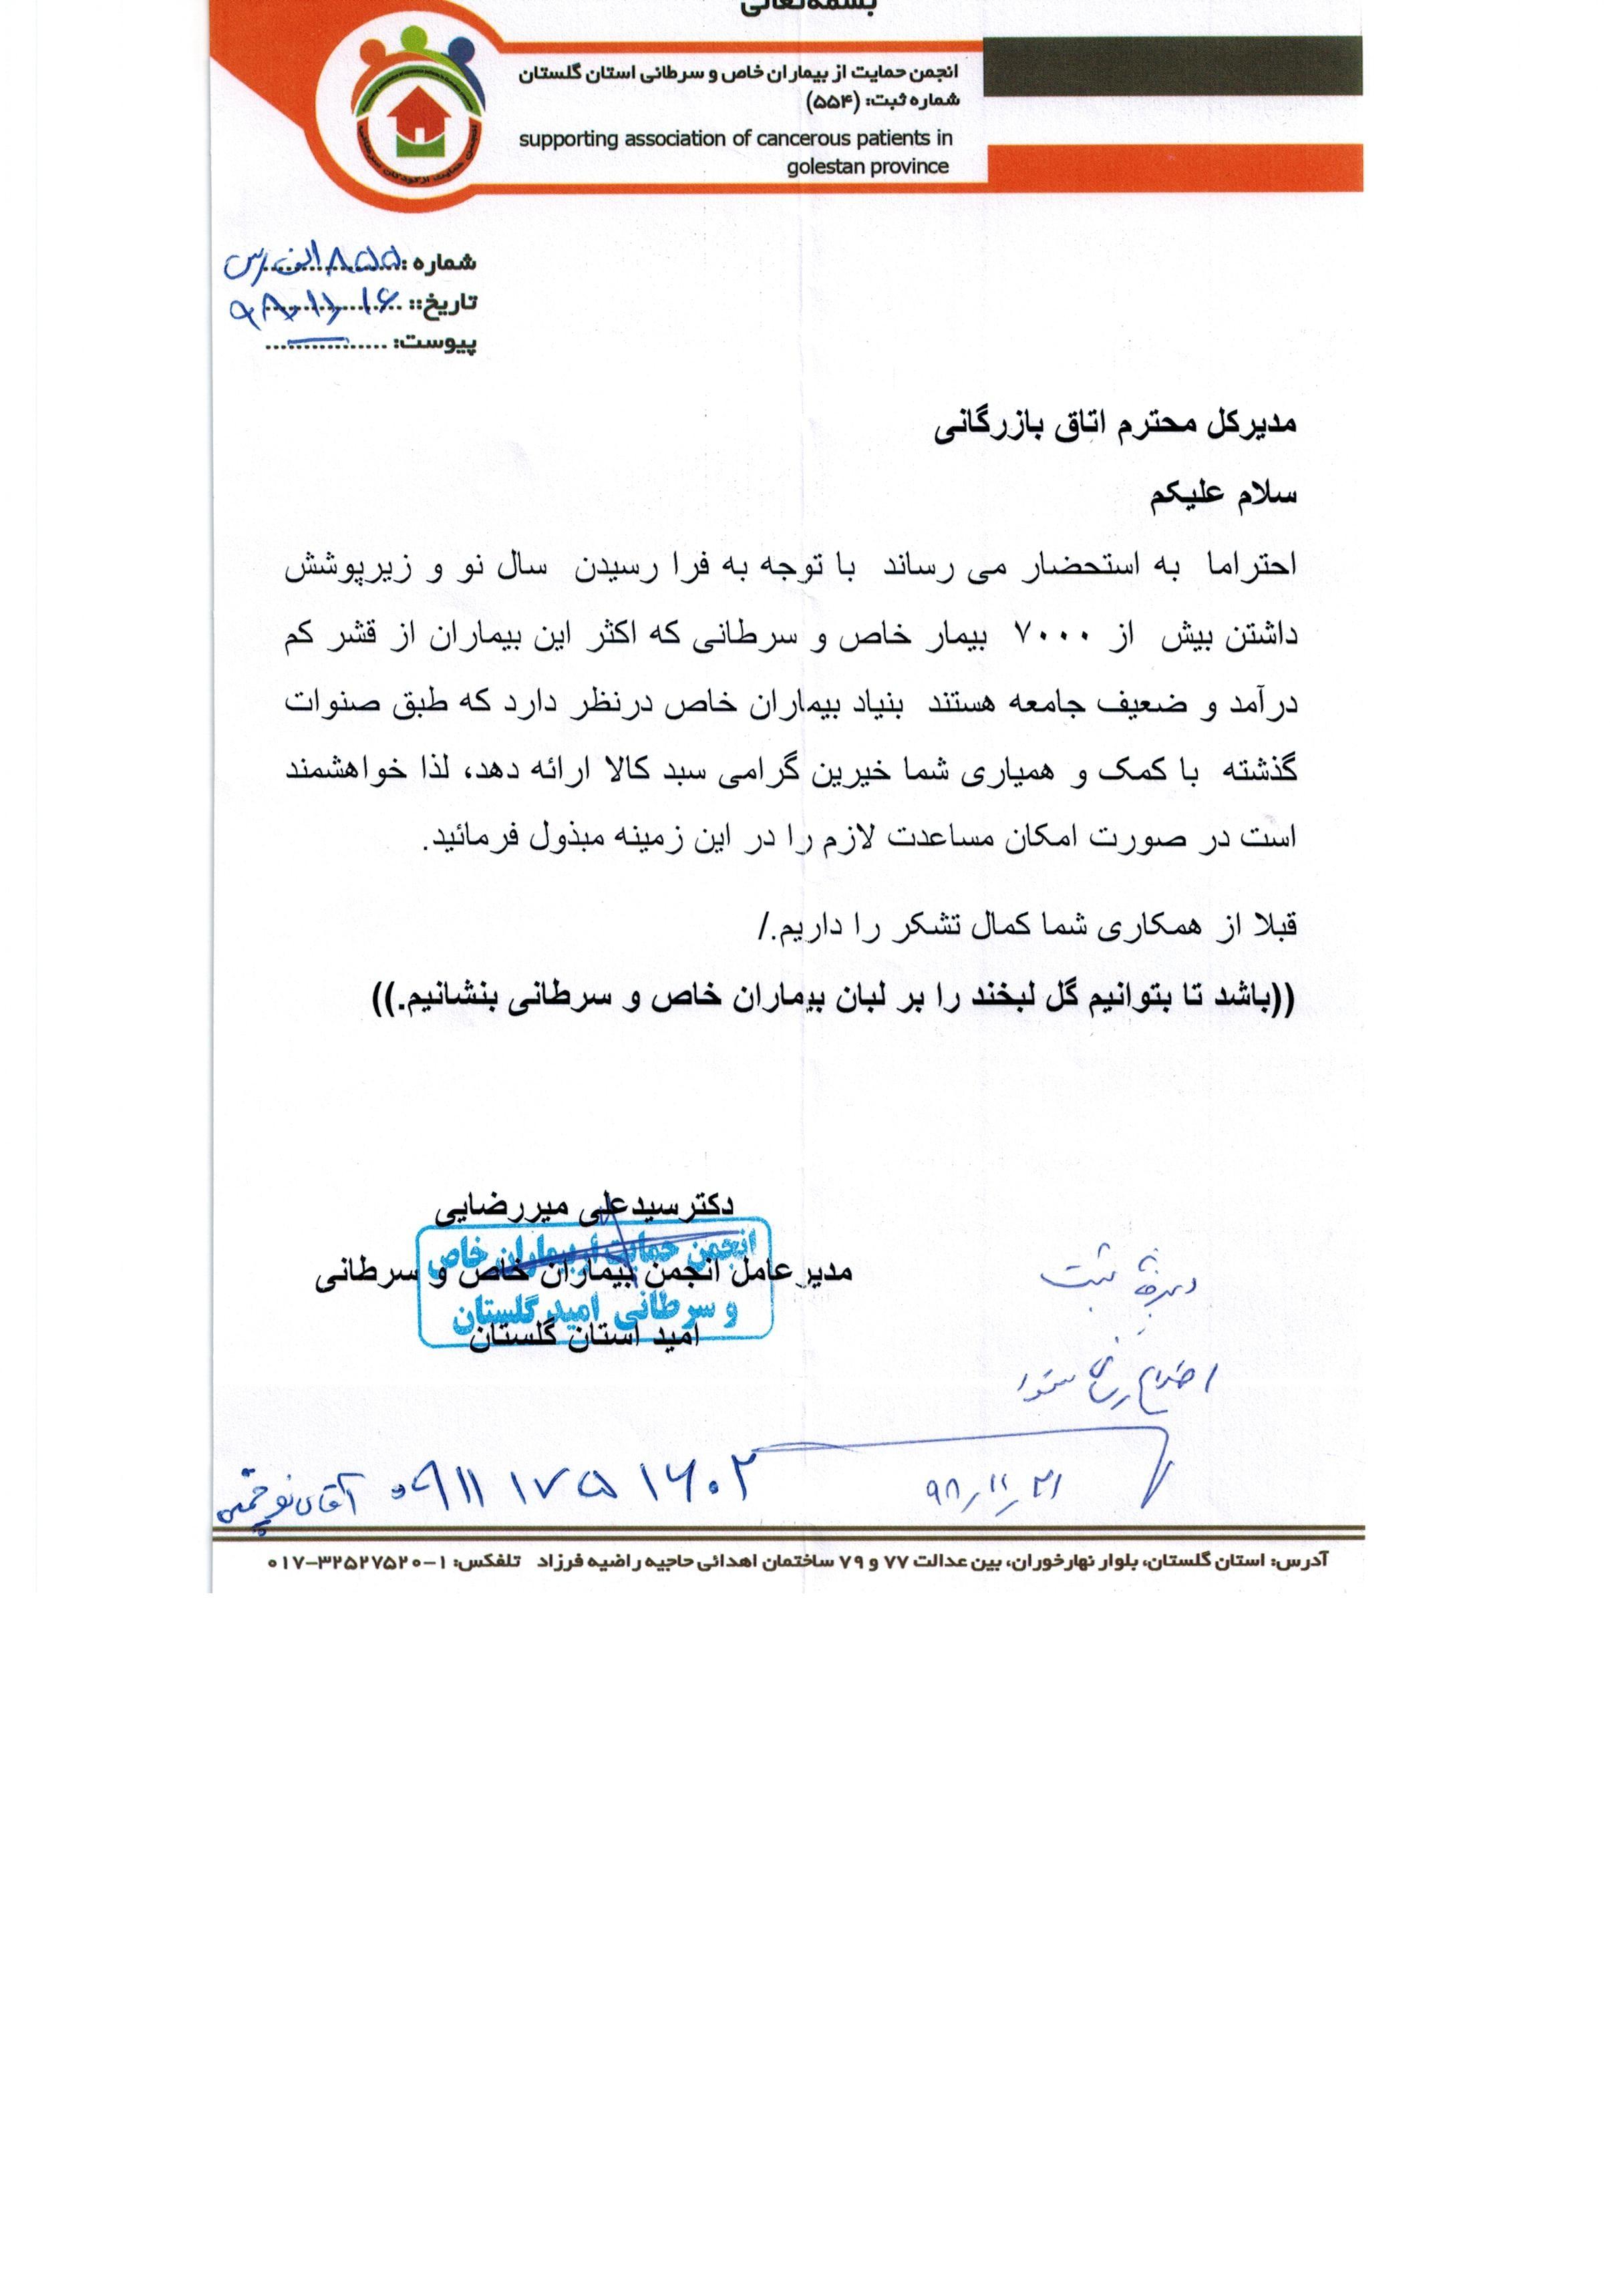 درخواست مساعدت از آقای میر رضائی انجمن بیماران خاص و سرطانی استان